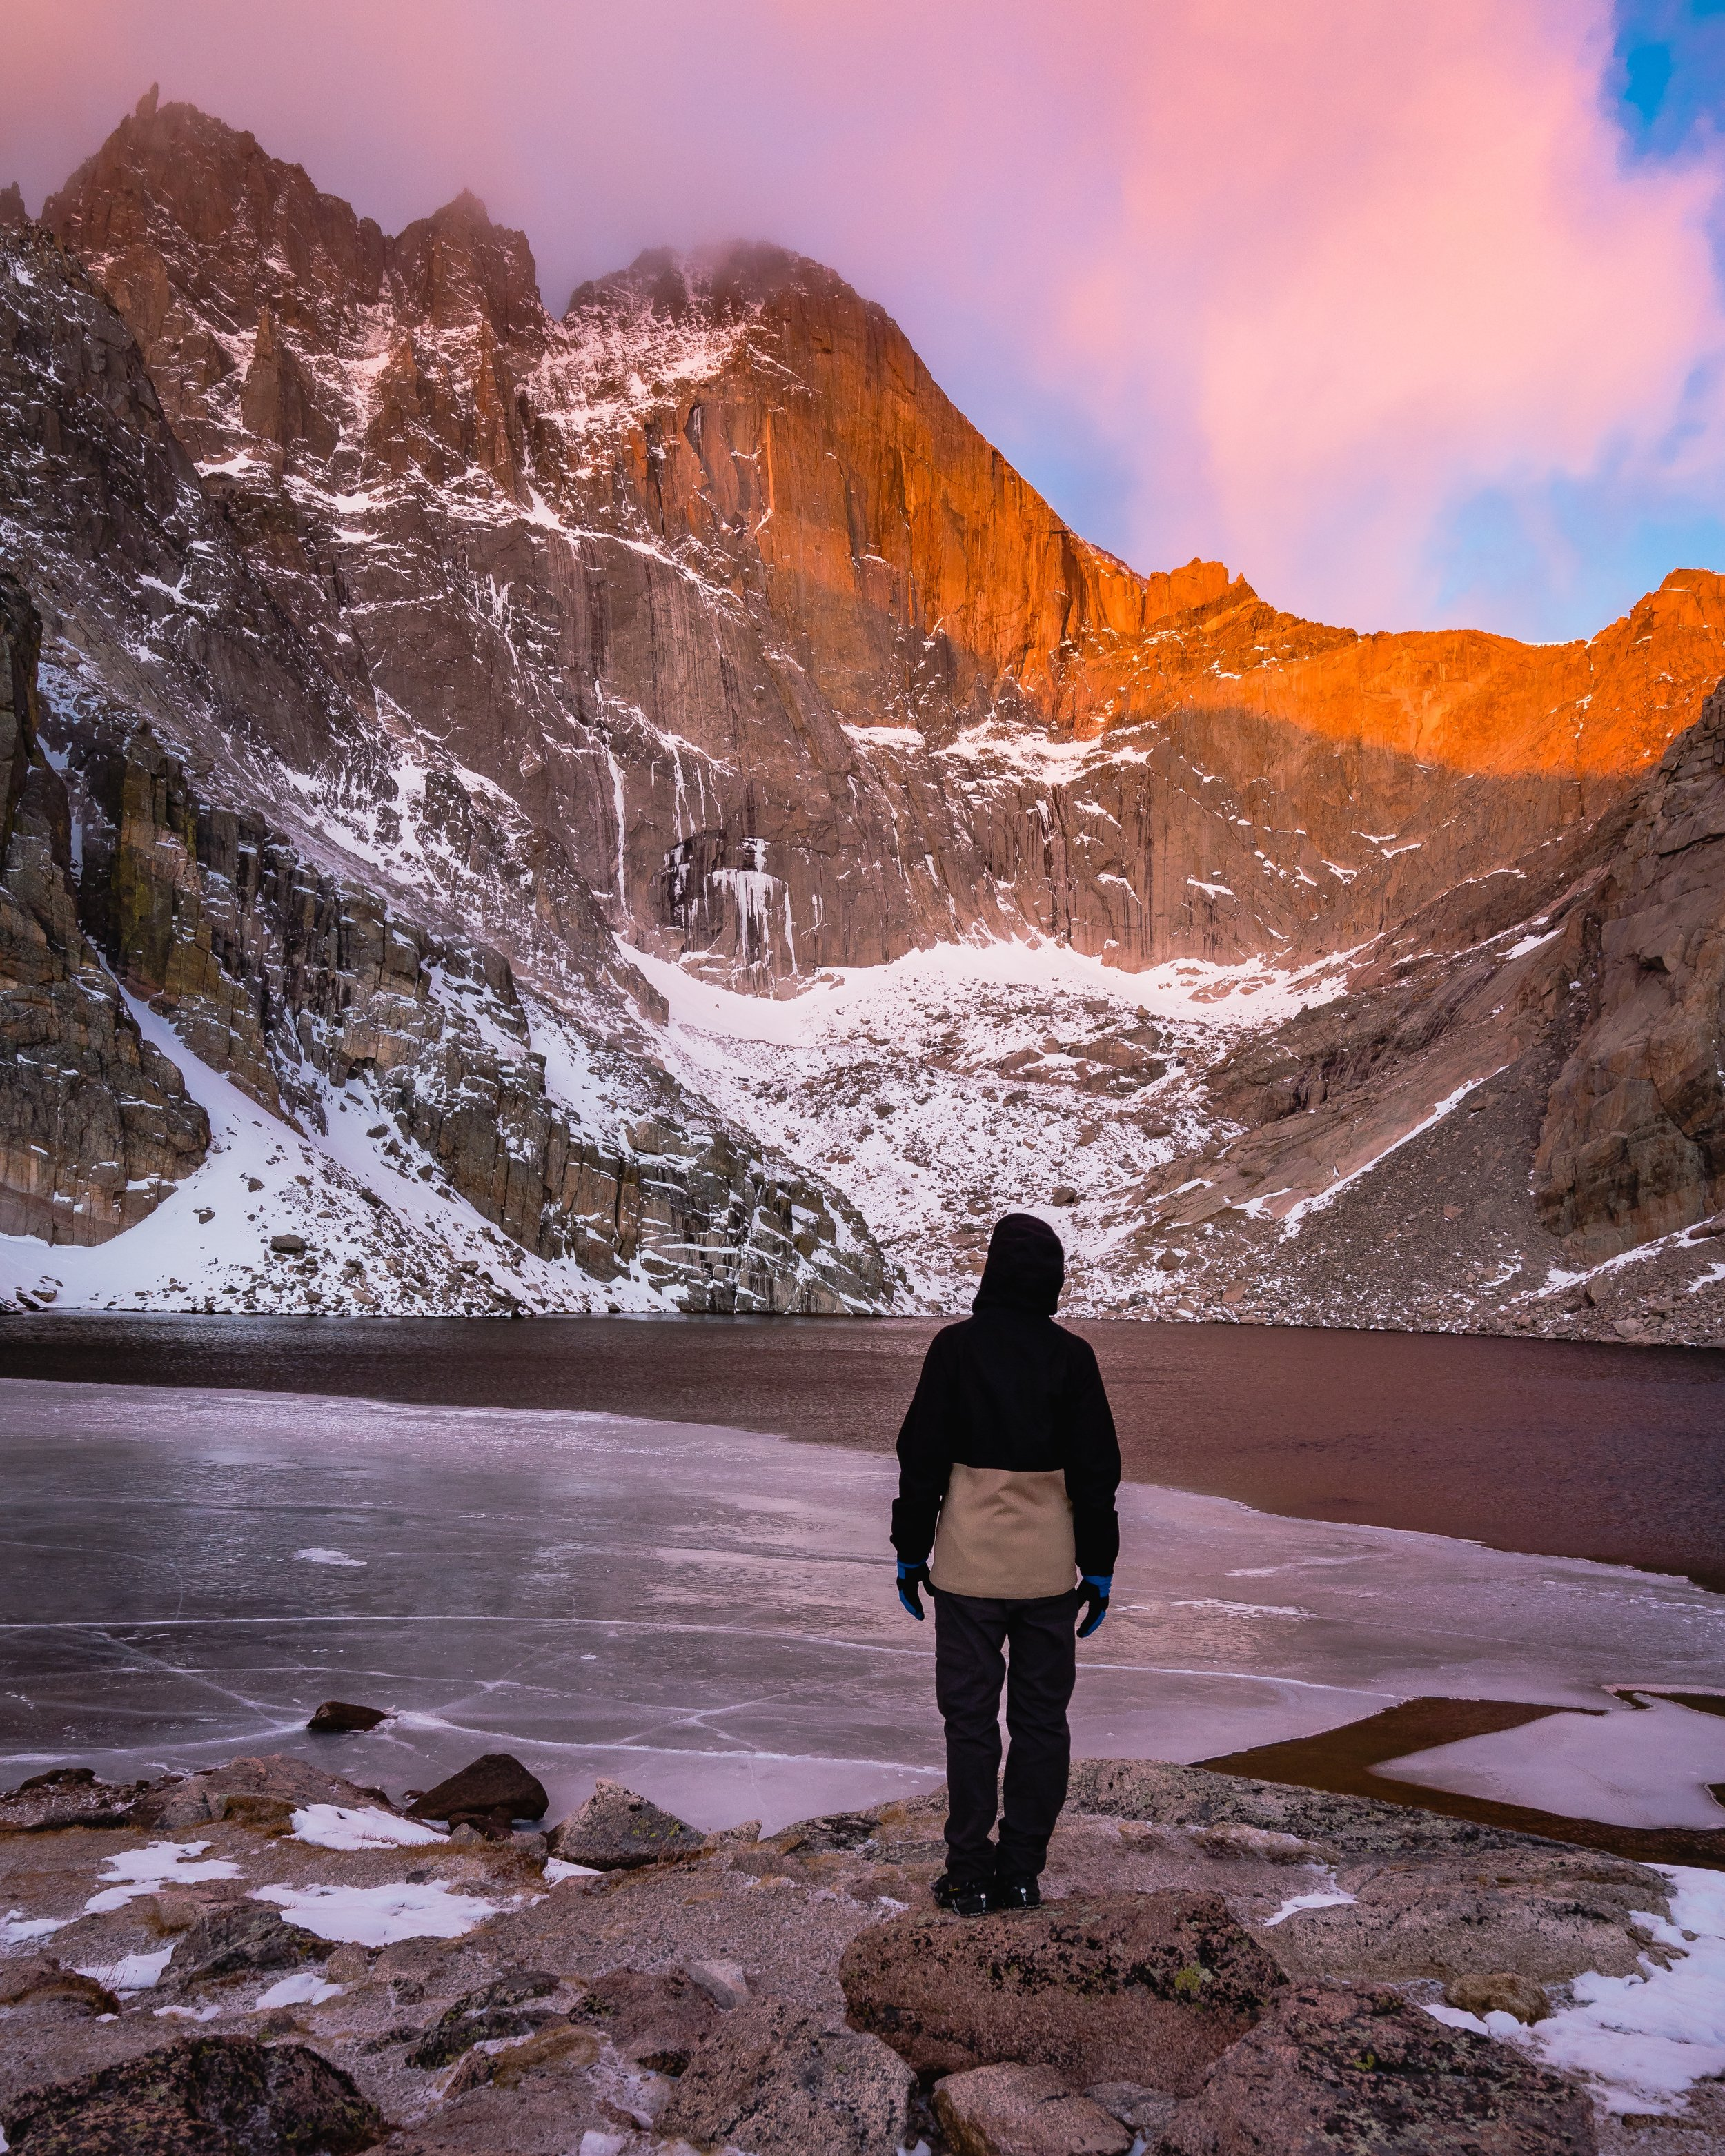 CHASM LAKE, ROCKY MOUNTAIN NATIONAL PARK, ESTES PARK, COLORADO